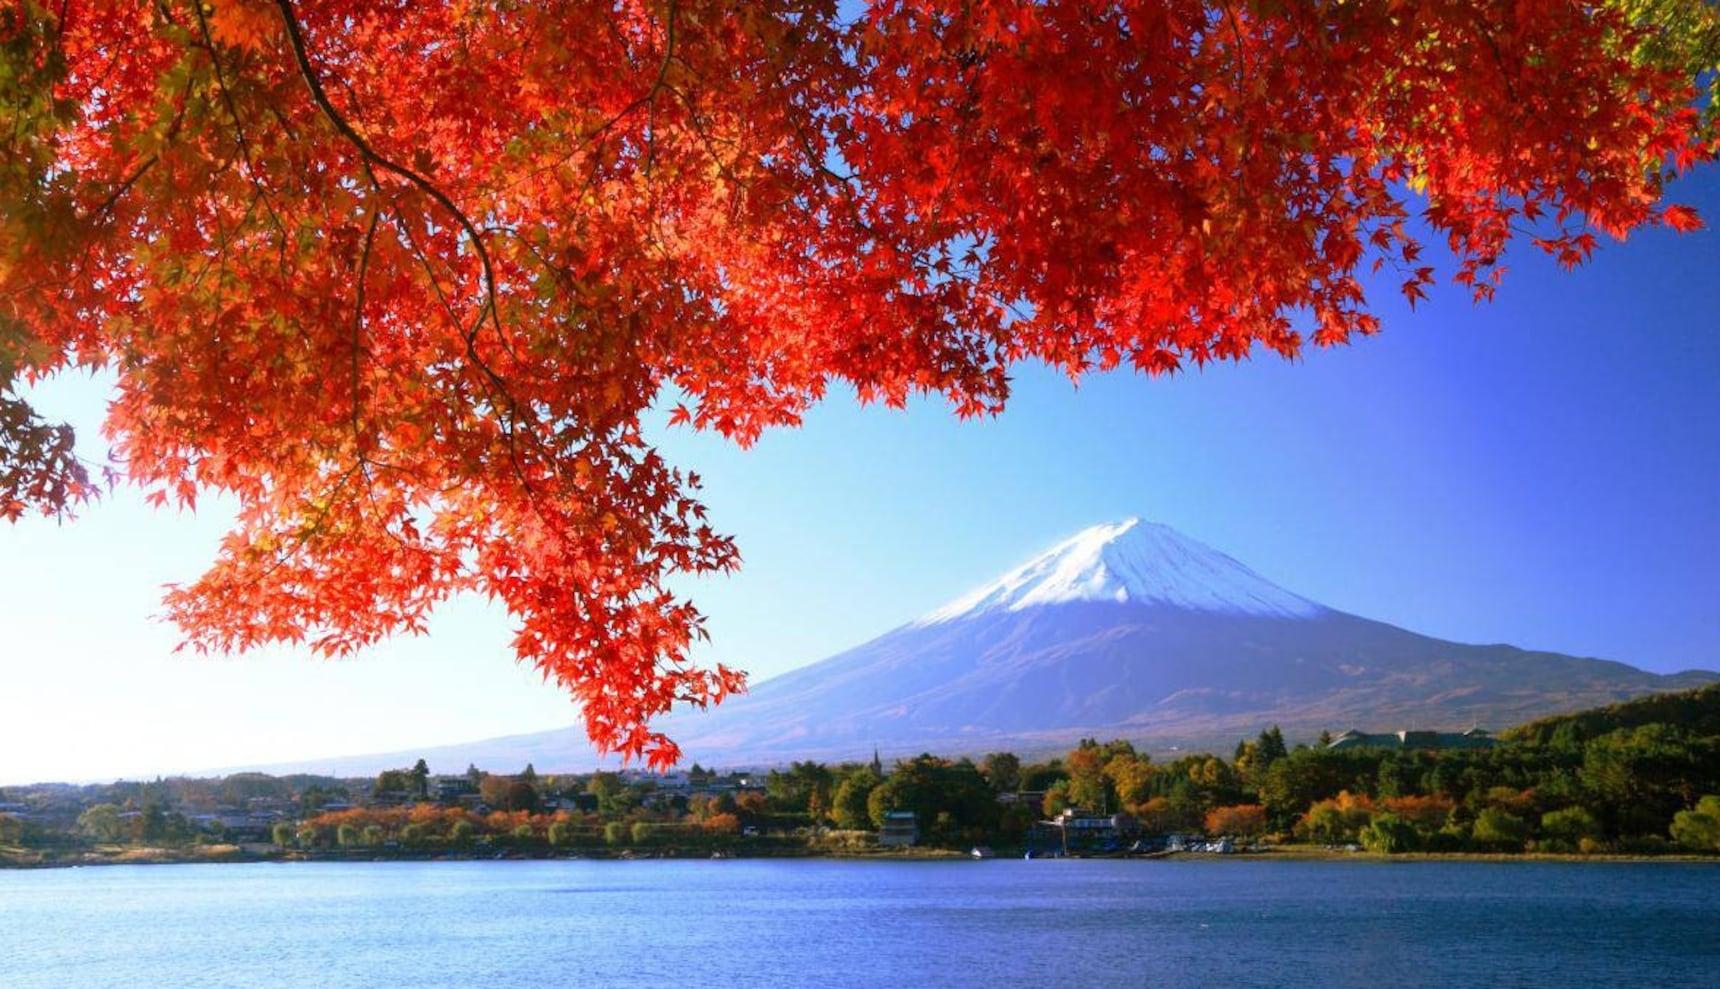 10 จุดชมวิวภูเขาไฟฟูจิที่ต้องไปเยือนสักครั้ง